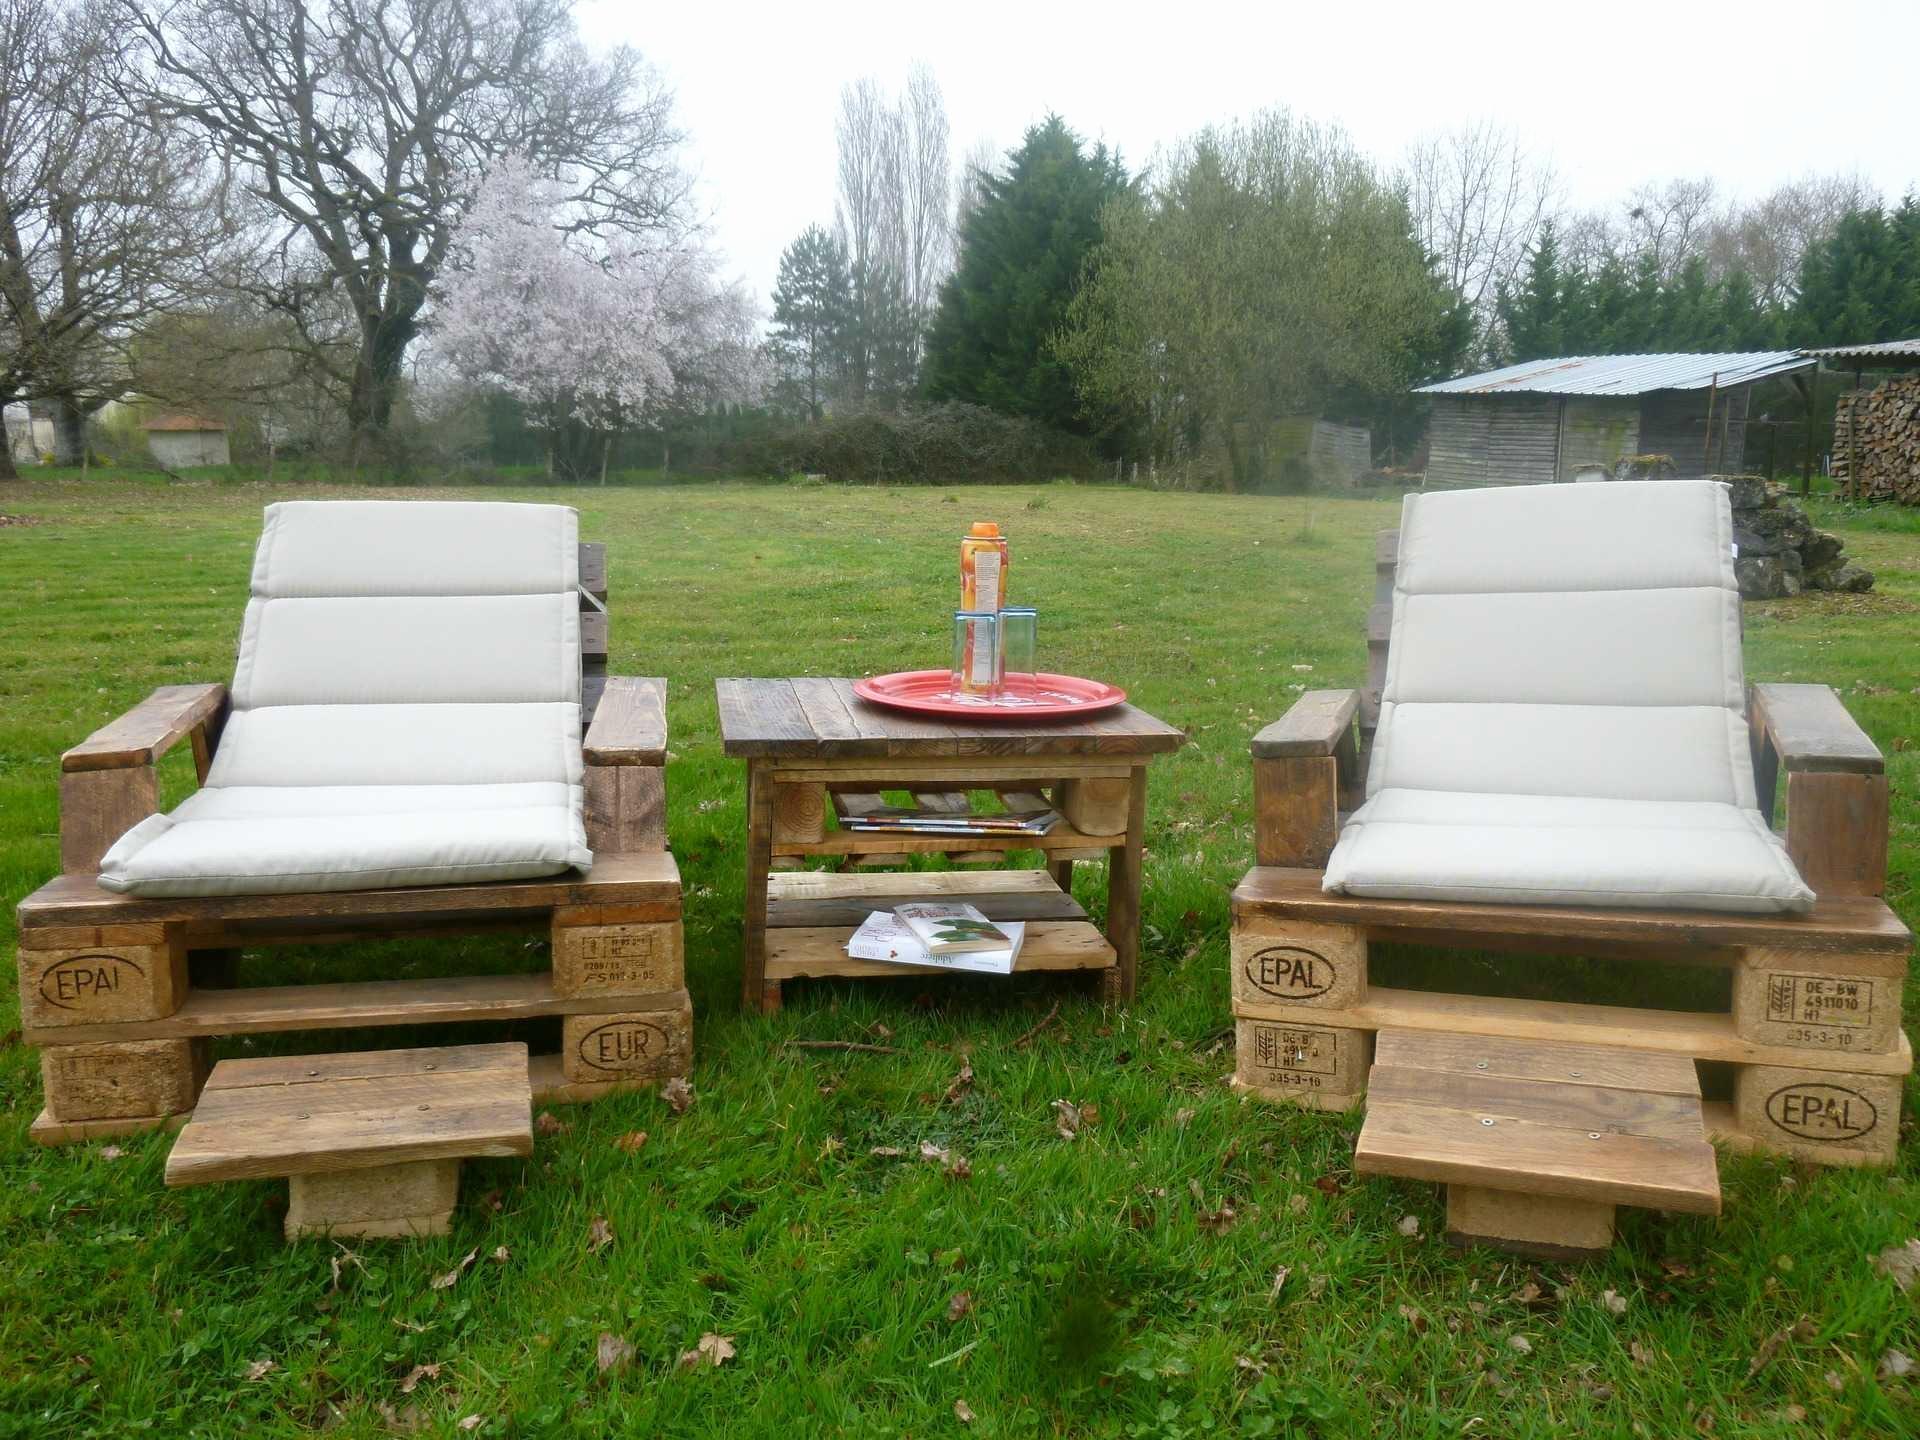 Salon de jardin en palette europe - Mailleraye.fr jardin